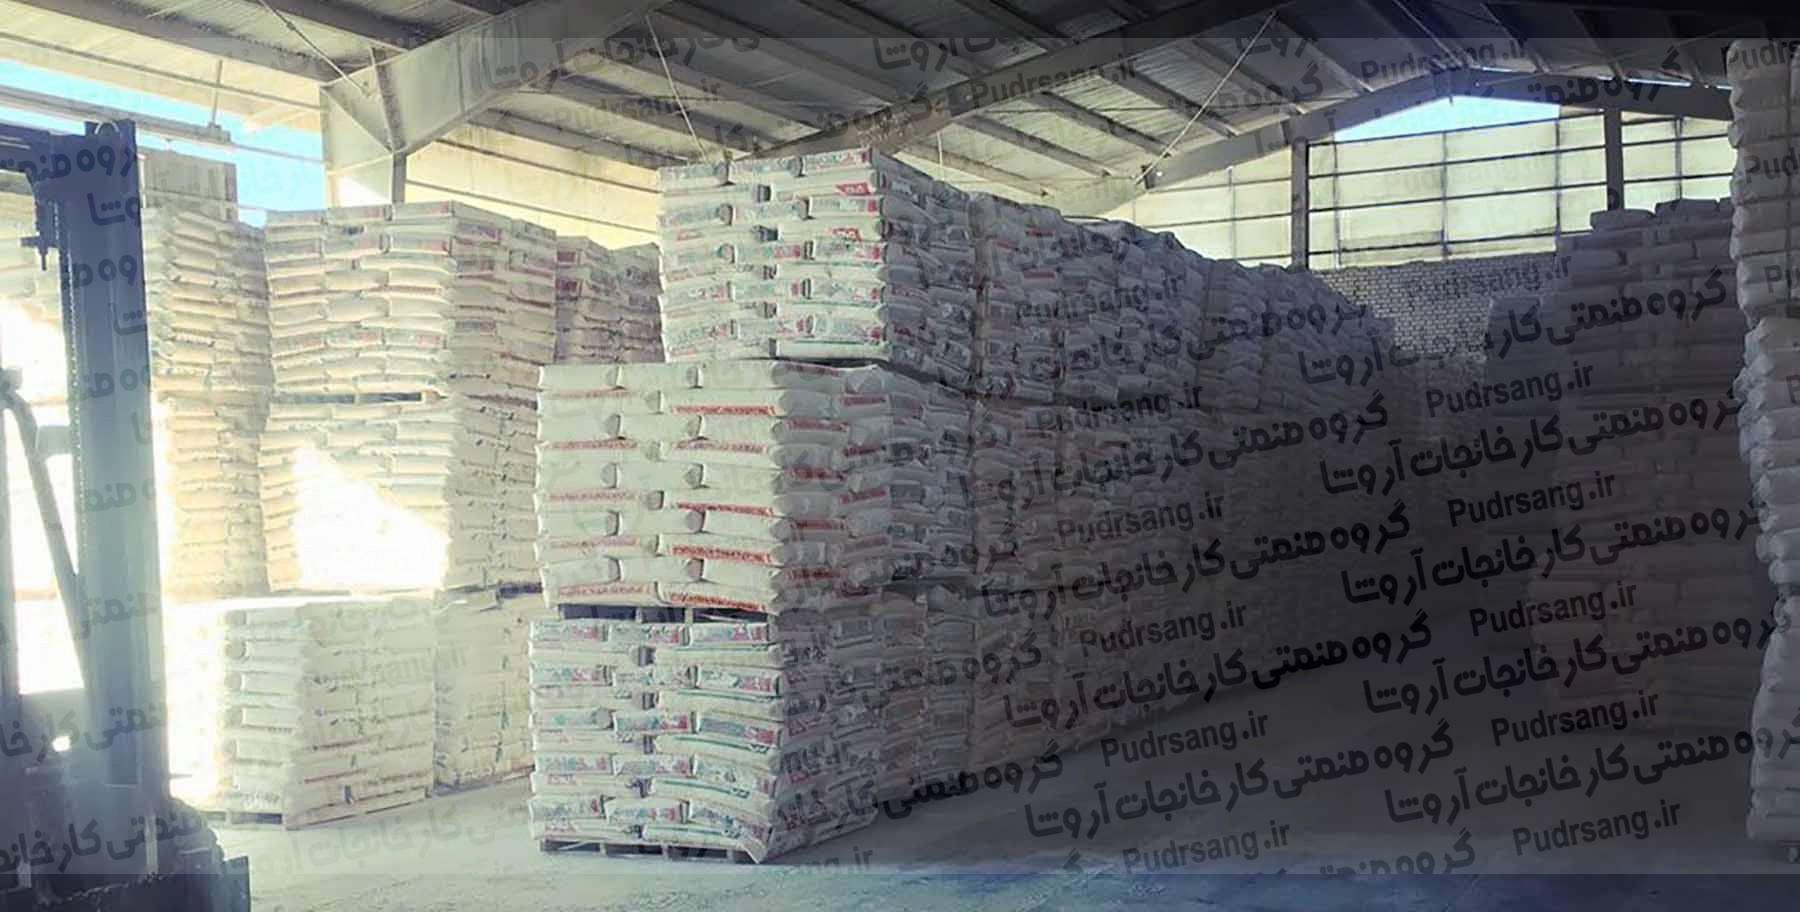 بزرگترین مرکز فروش کربنات کلسیم 2500 مش در تهران